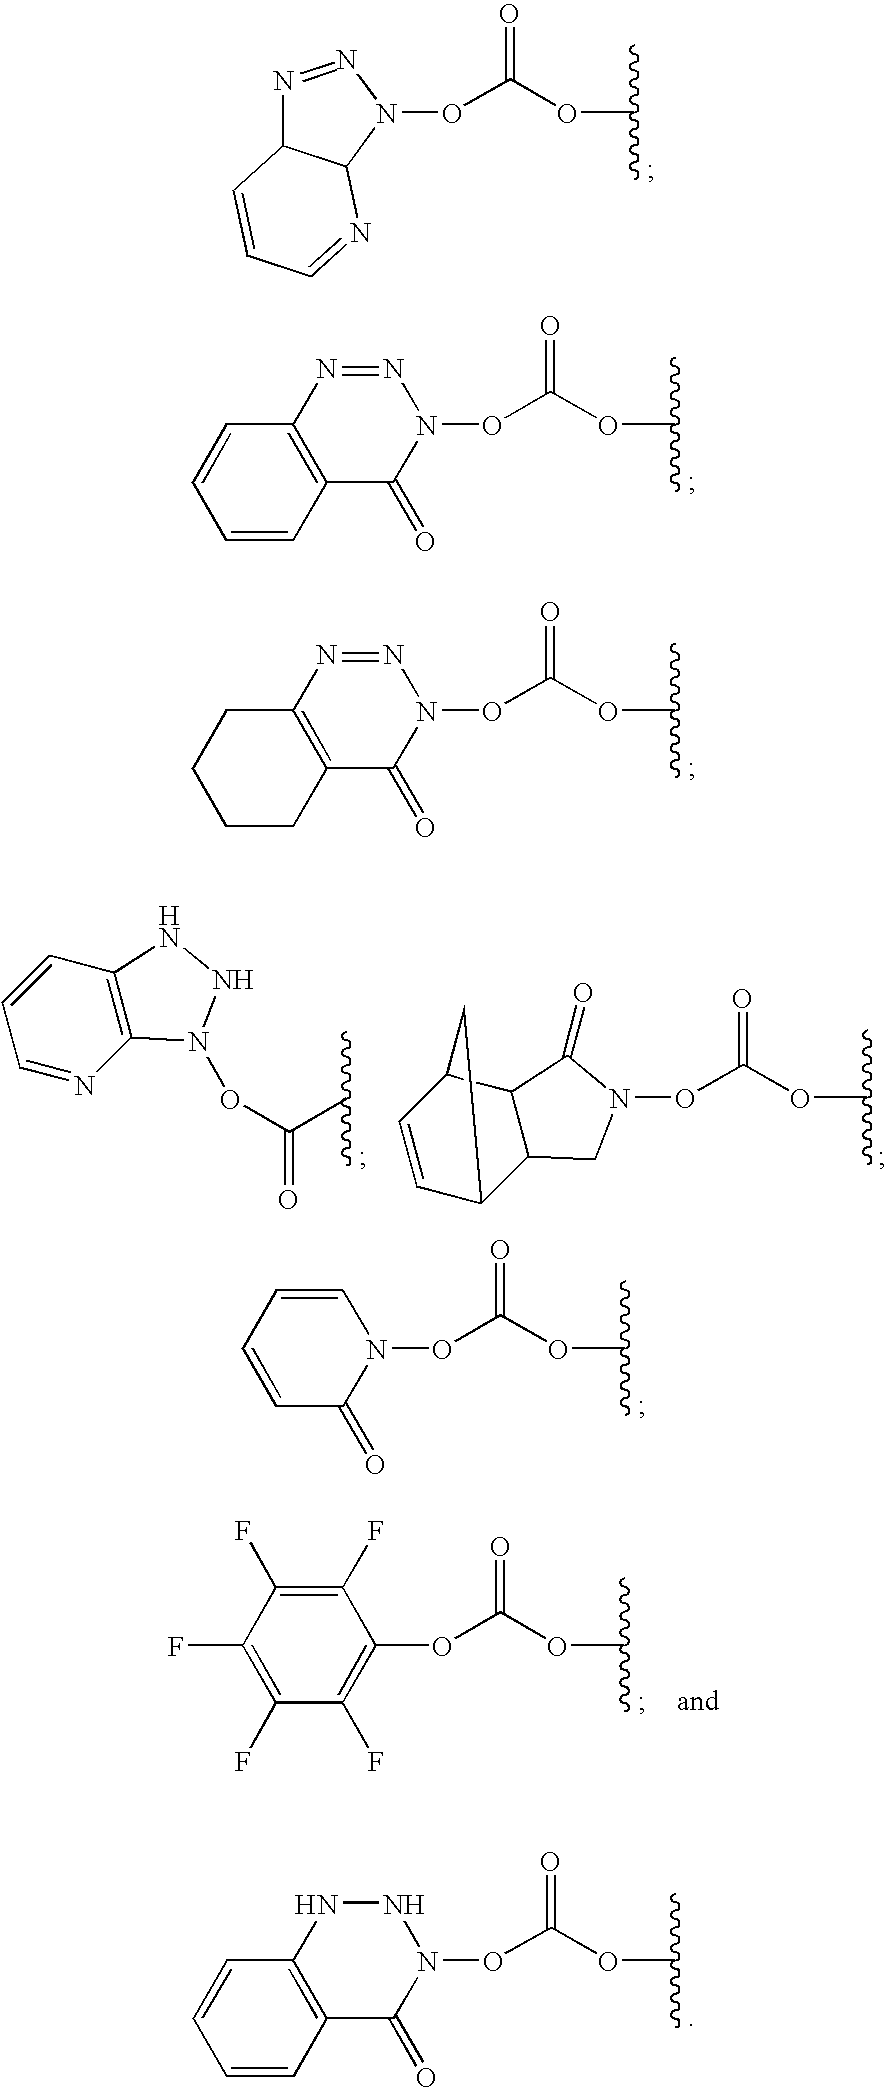 Figure US08911967-20141216-C00121